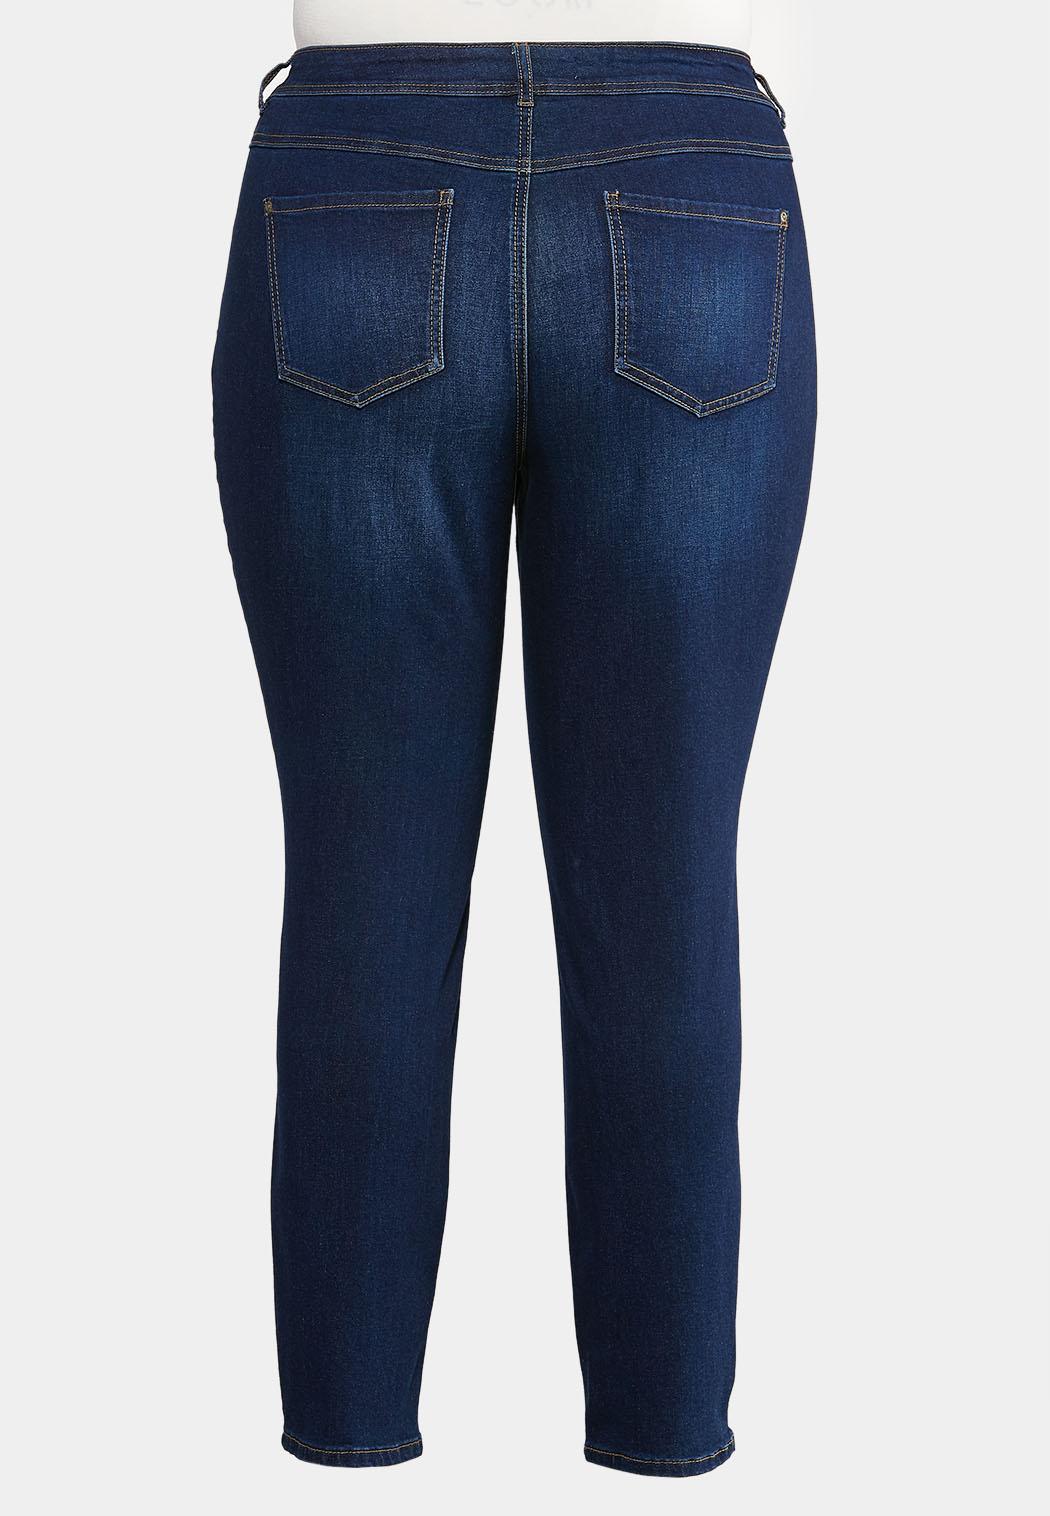 Plus Size Essential Dark Wash Jeans (Item #43981848)